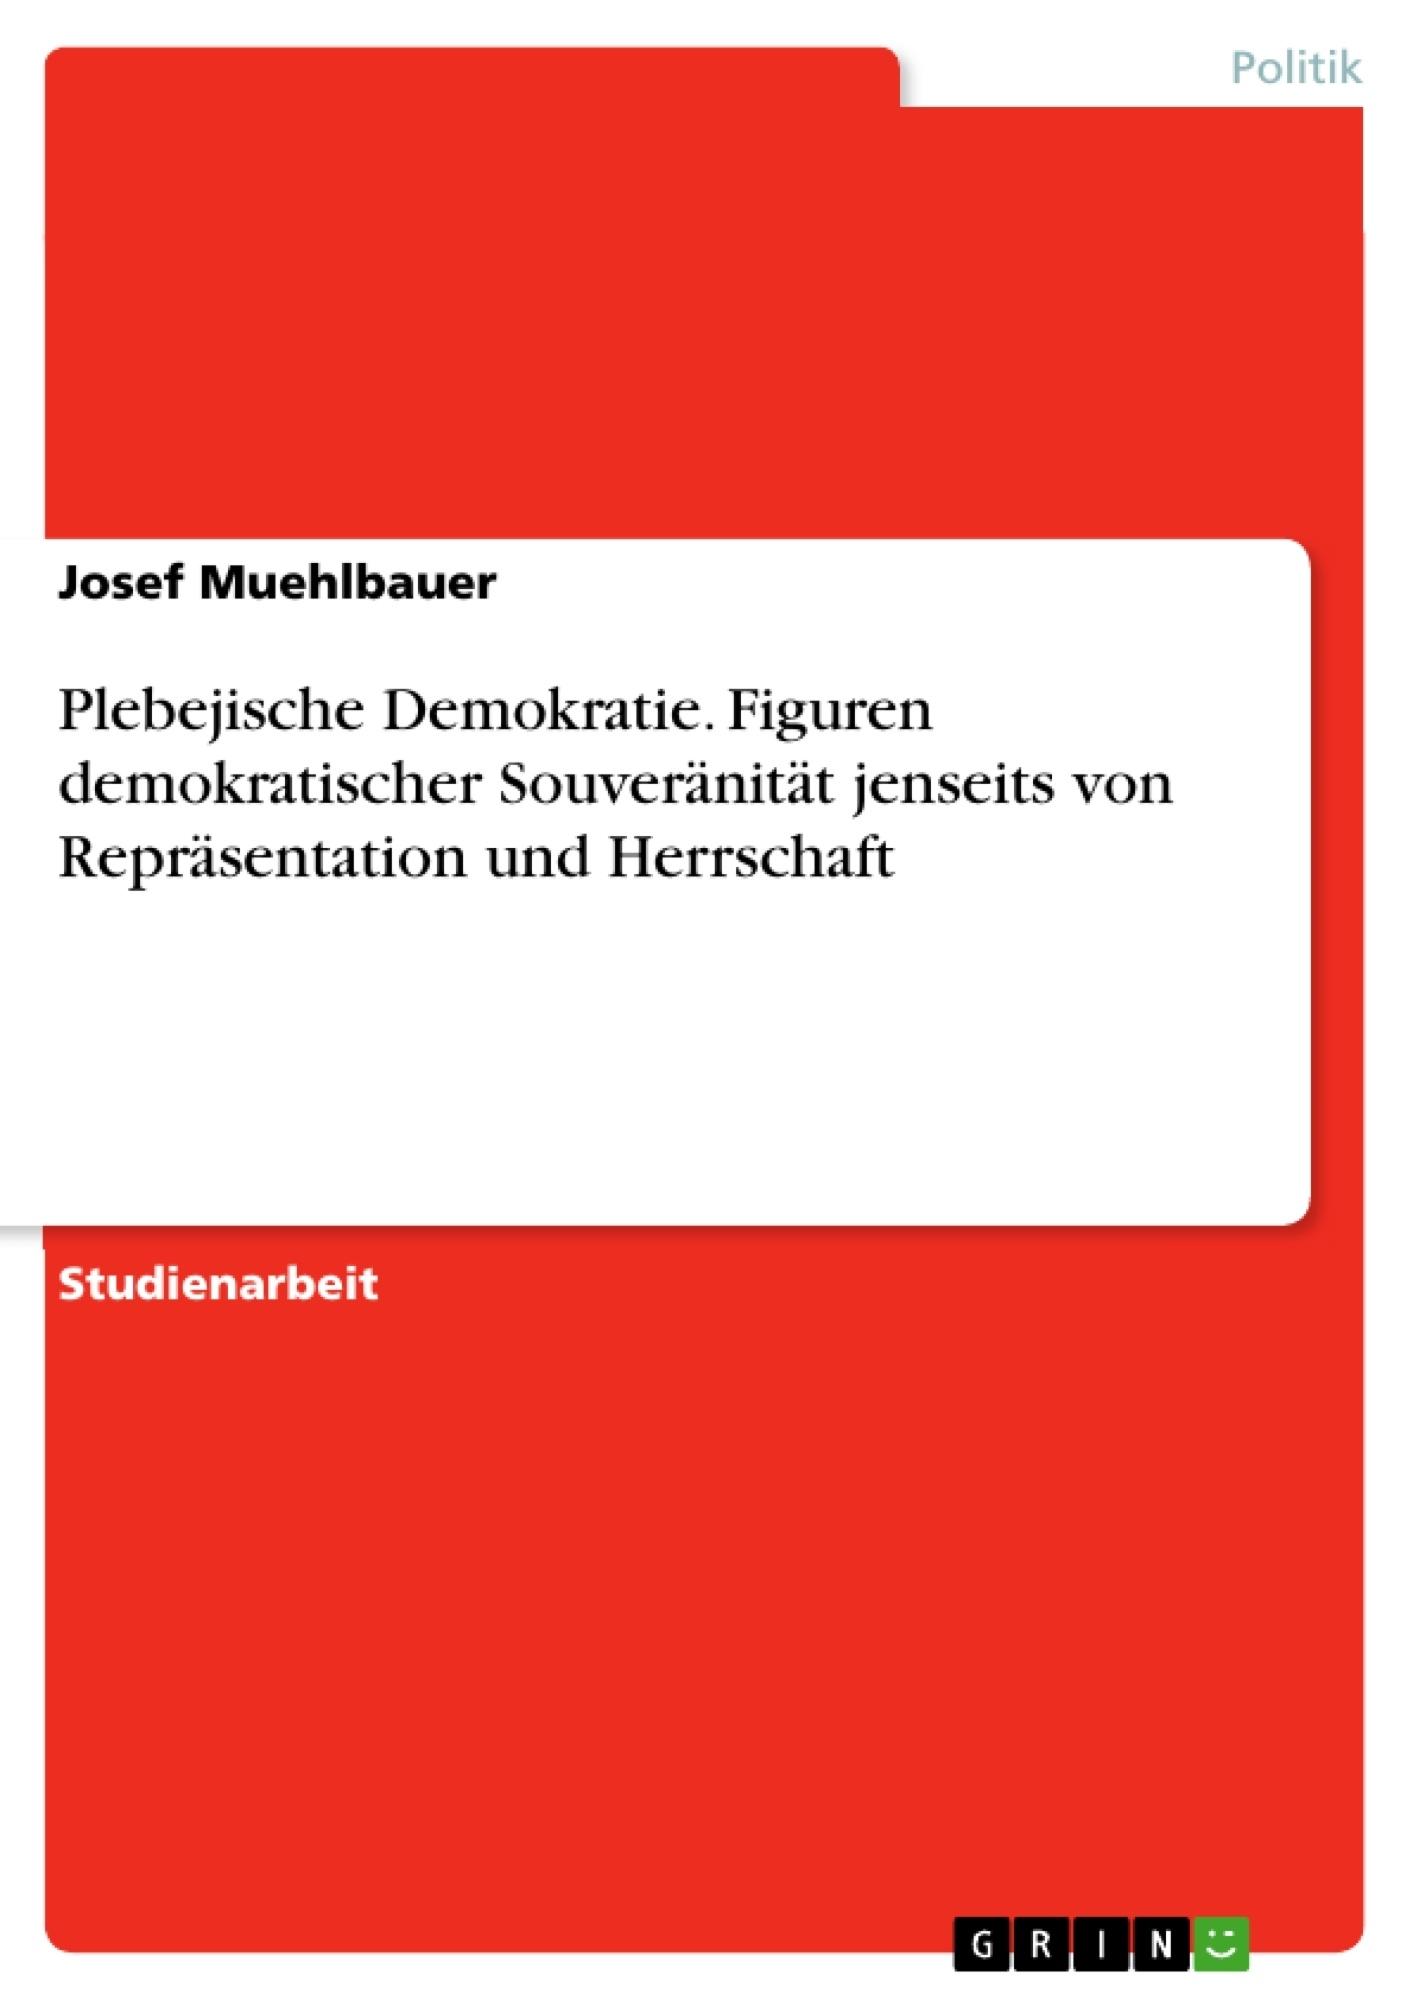 Titel: Plebejische Demokratie. Figuren demokratischer Souveränität jenseits von Repräsentation und Herrschaft